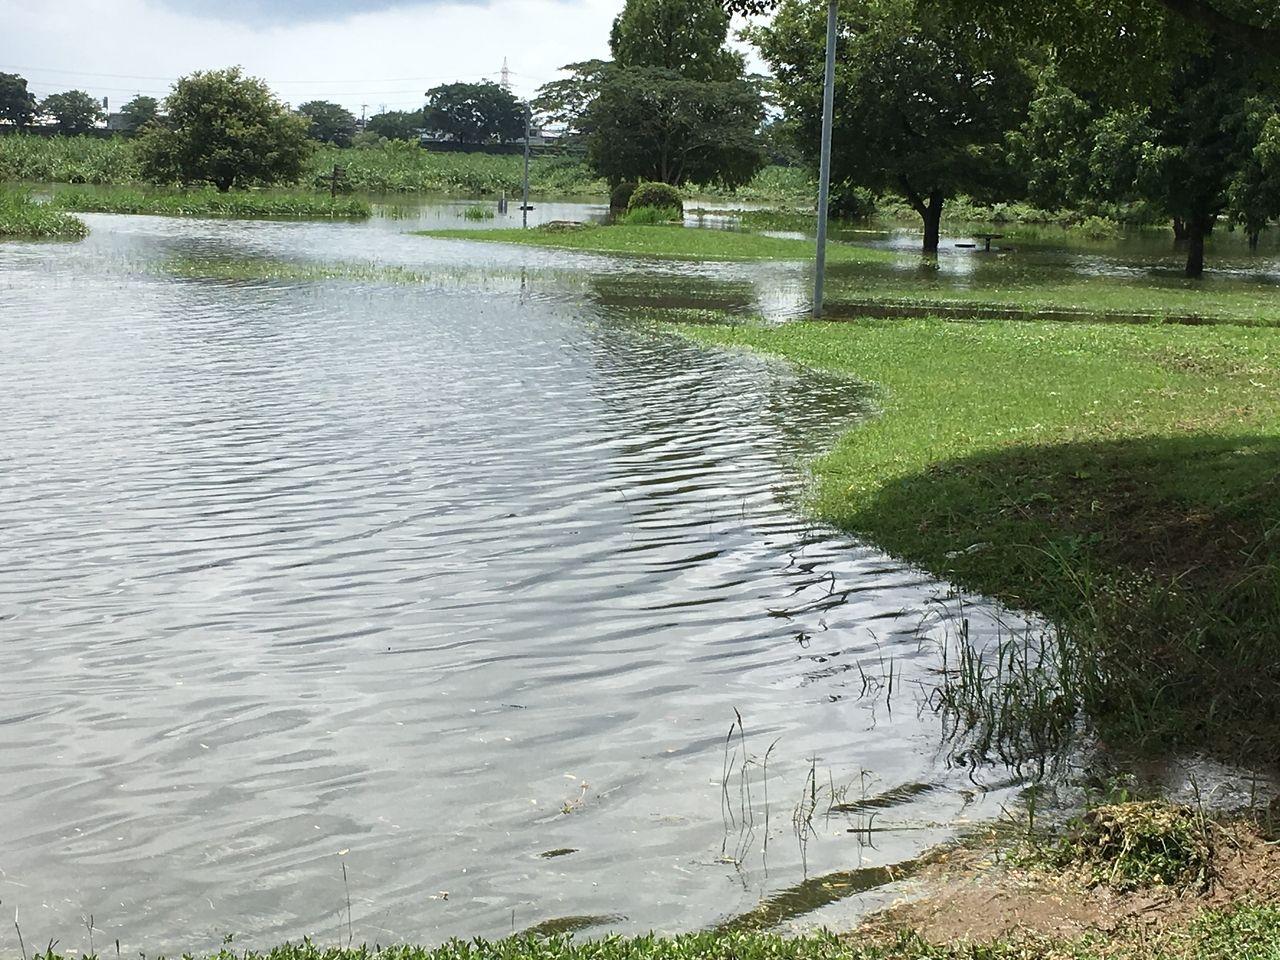 今回の、大雨で冠水した水前寺江津湖公園の冠水した様子を撮ってみました。前回よりひどく久々の大冠水です。遊水公園ですから、明日にはもとの状態にもどるとおもわれます。